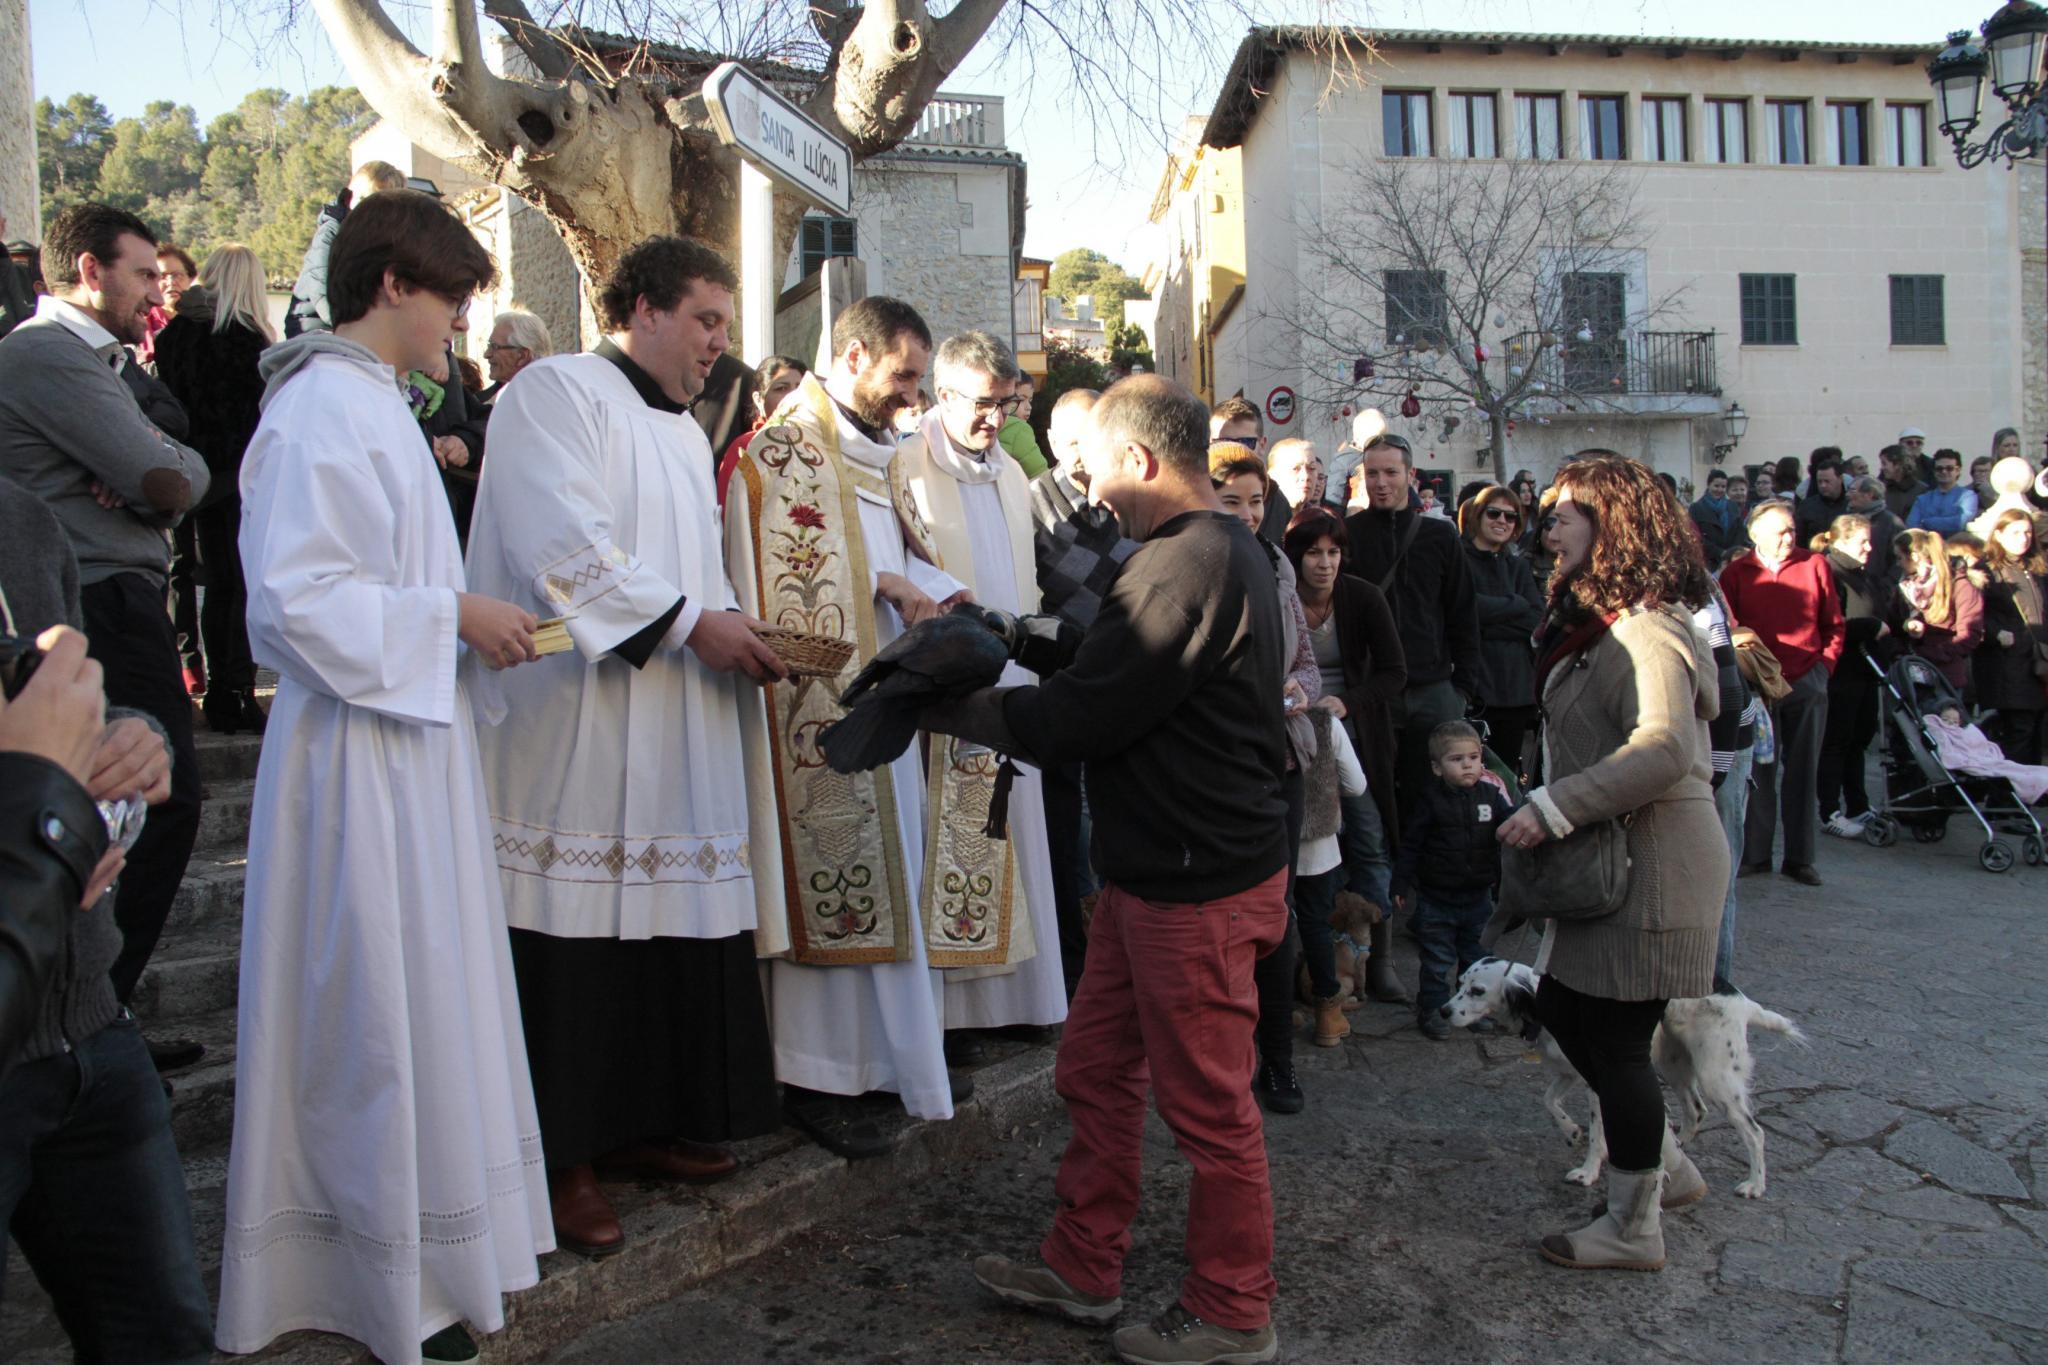 El cuervo ¿Jeroni¿ realiza un vuelo perfecto y lleva el pan a Sant Antoni y Sant Pau.